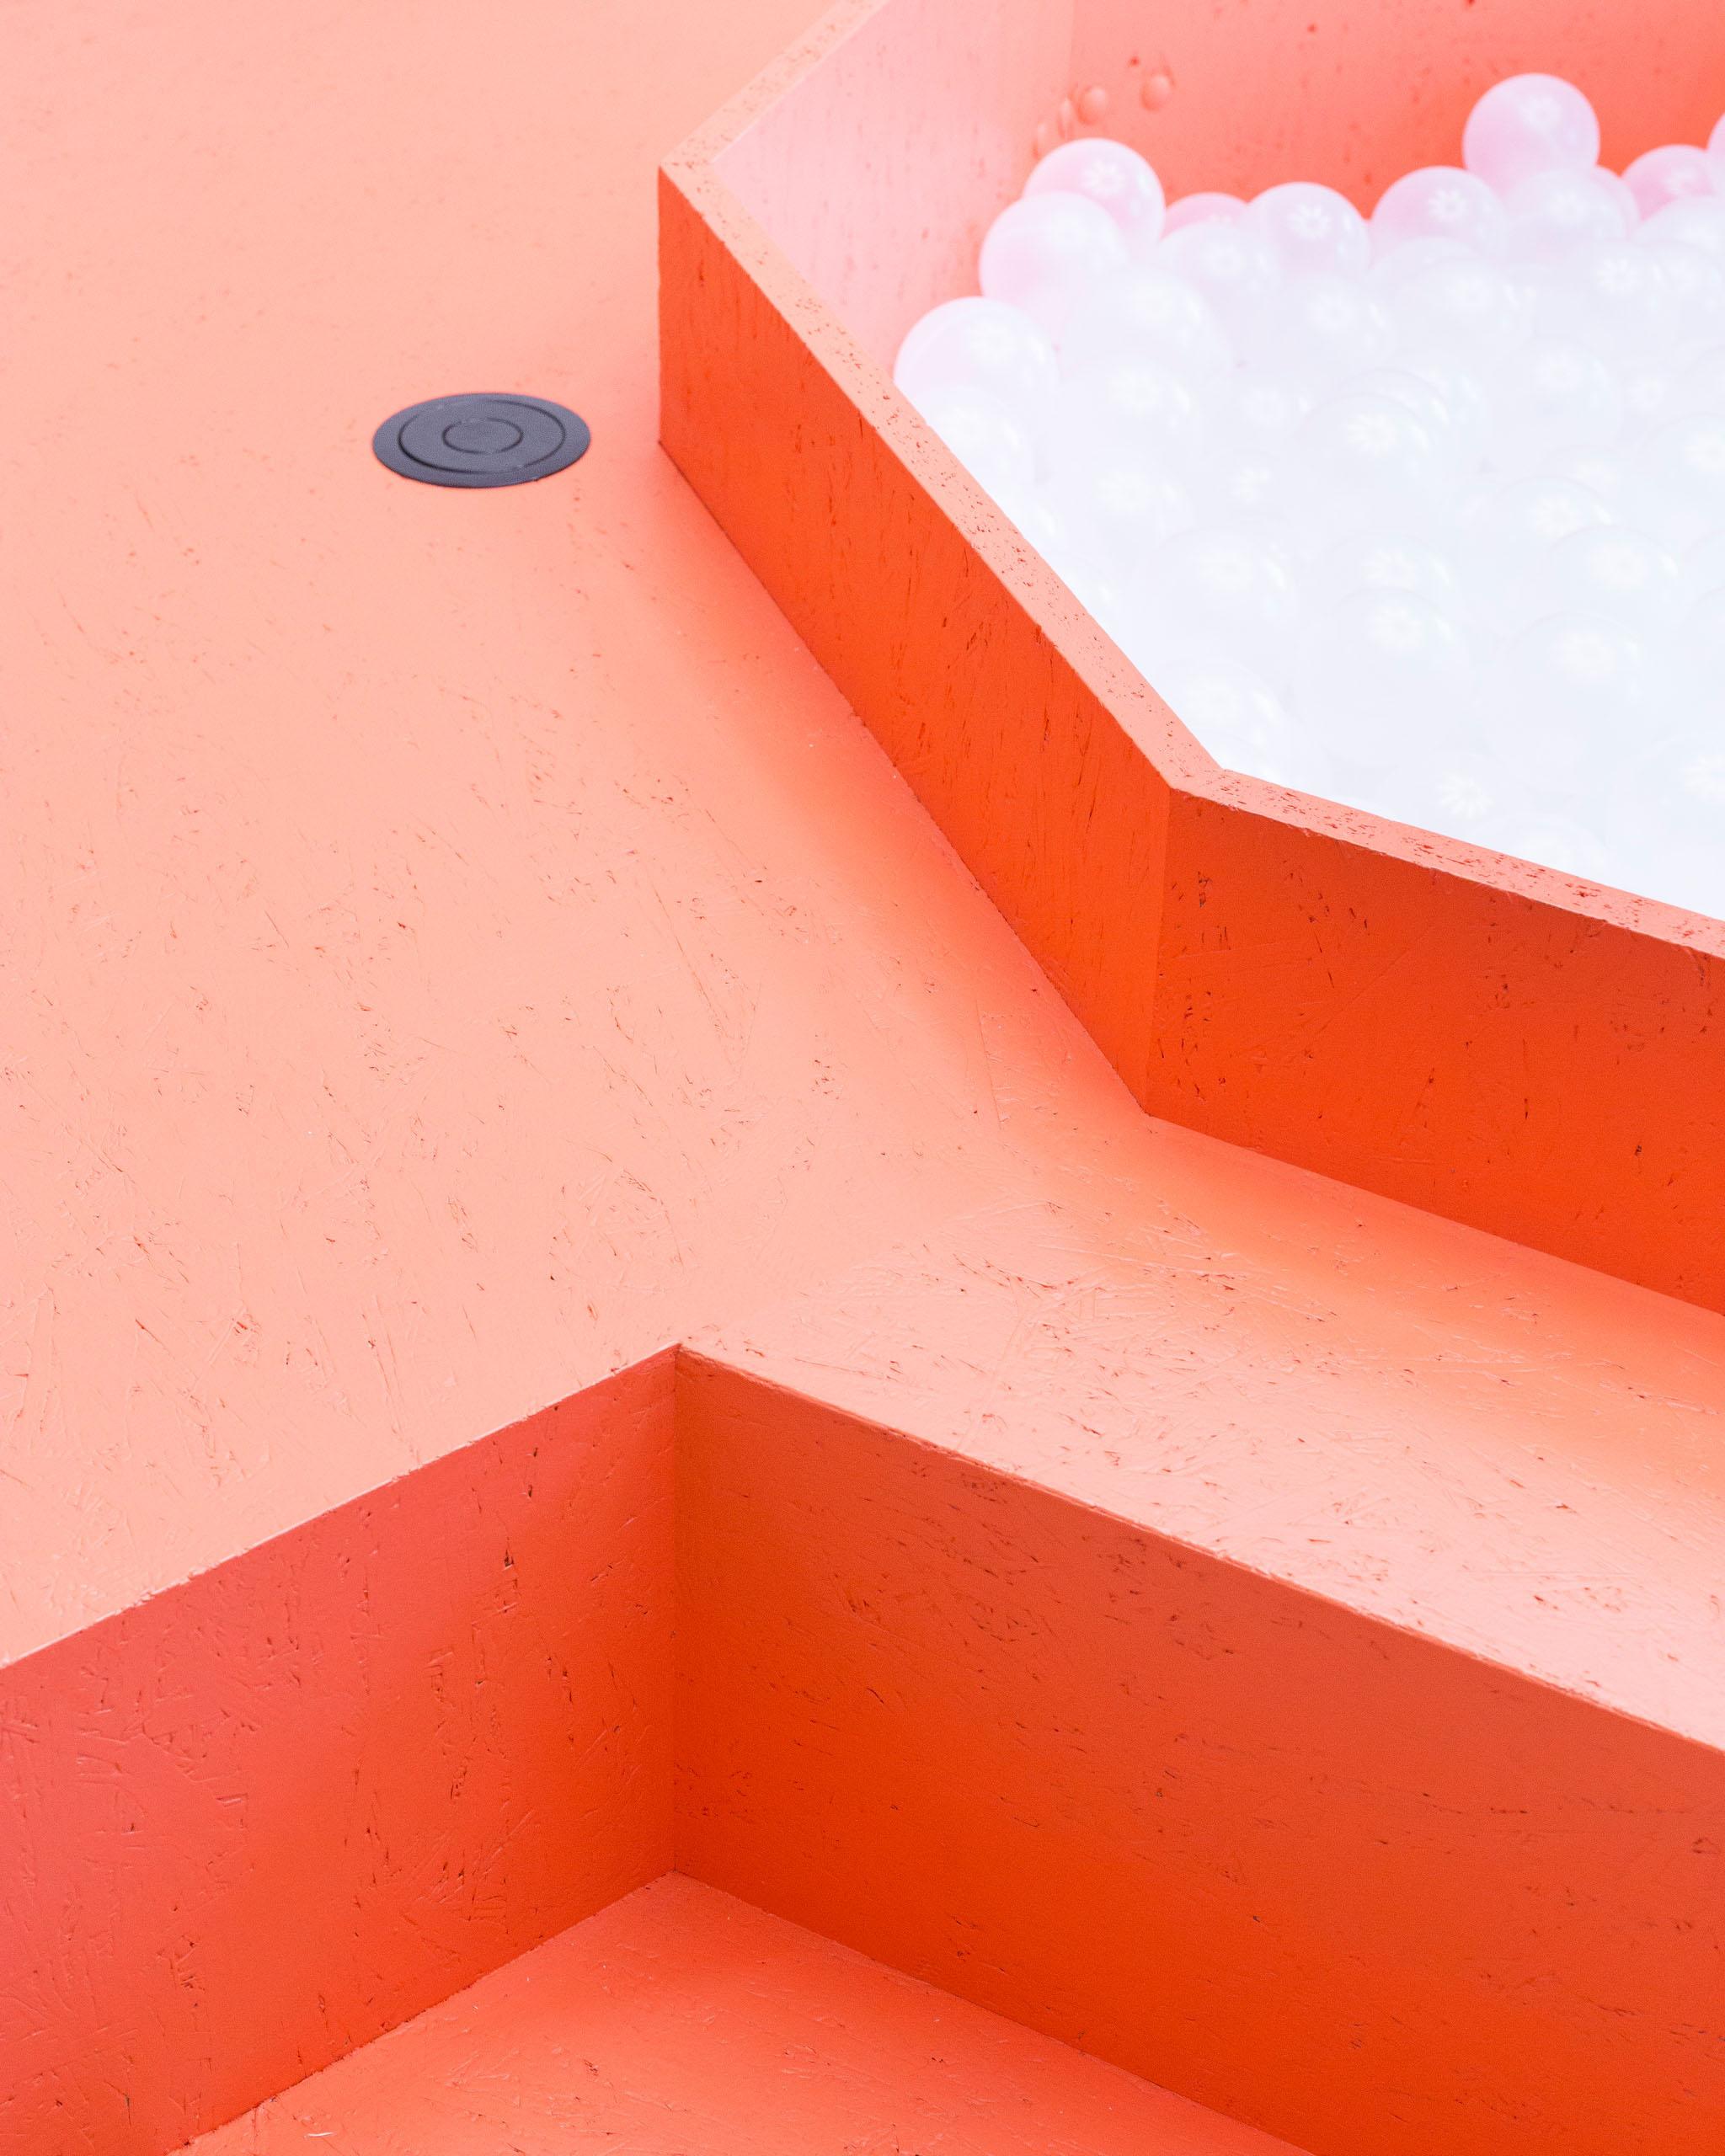 neue-denkerei-og-drebes-oertel-detail-01